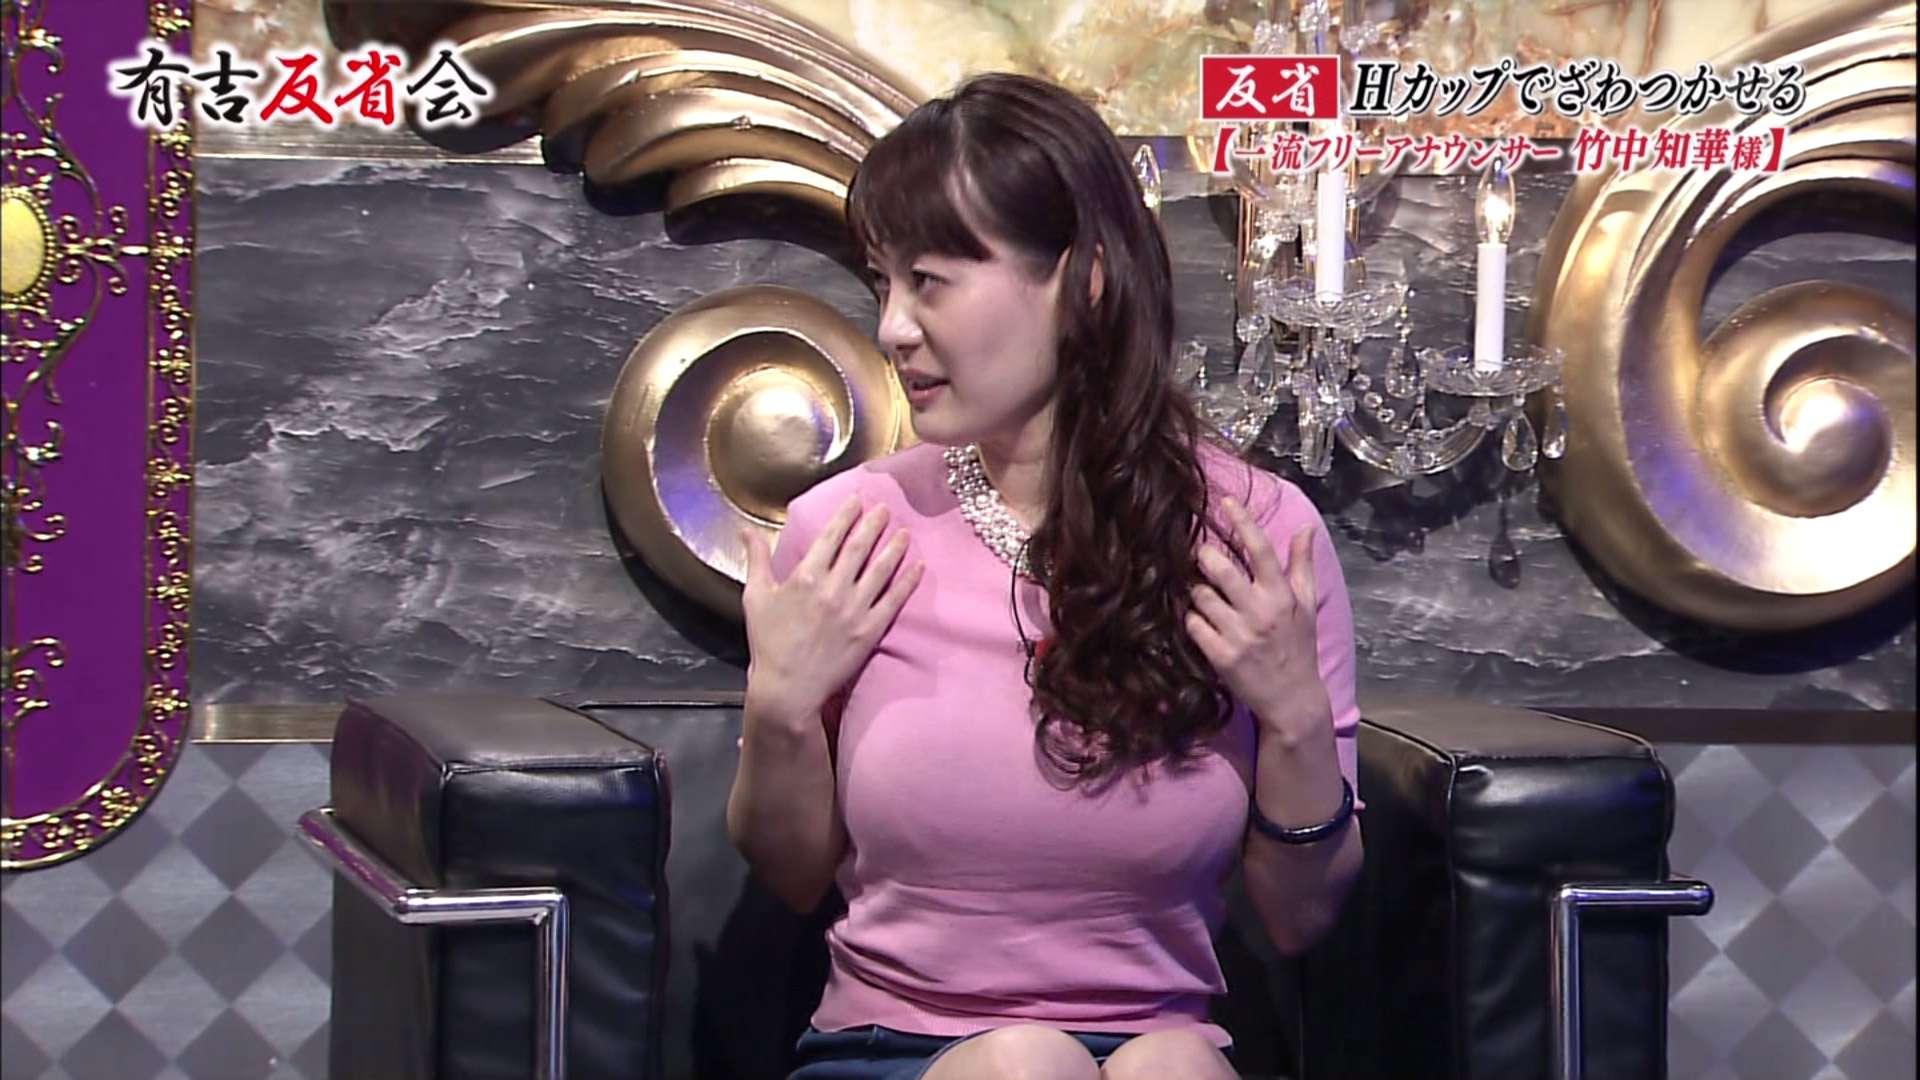 女子アナ竹中知華のパンチラノーブラなエロ画像が抜ける